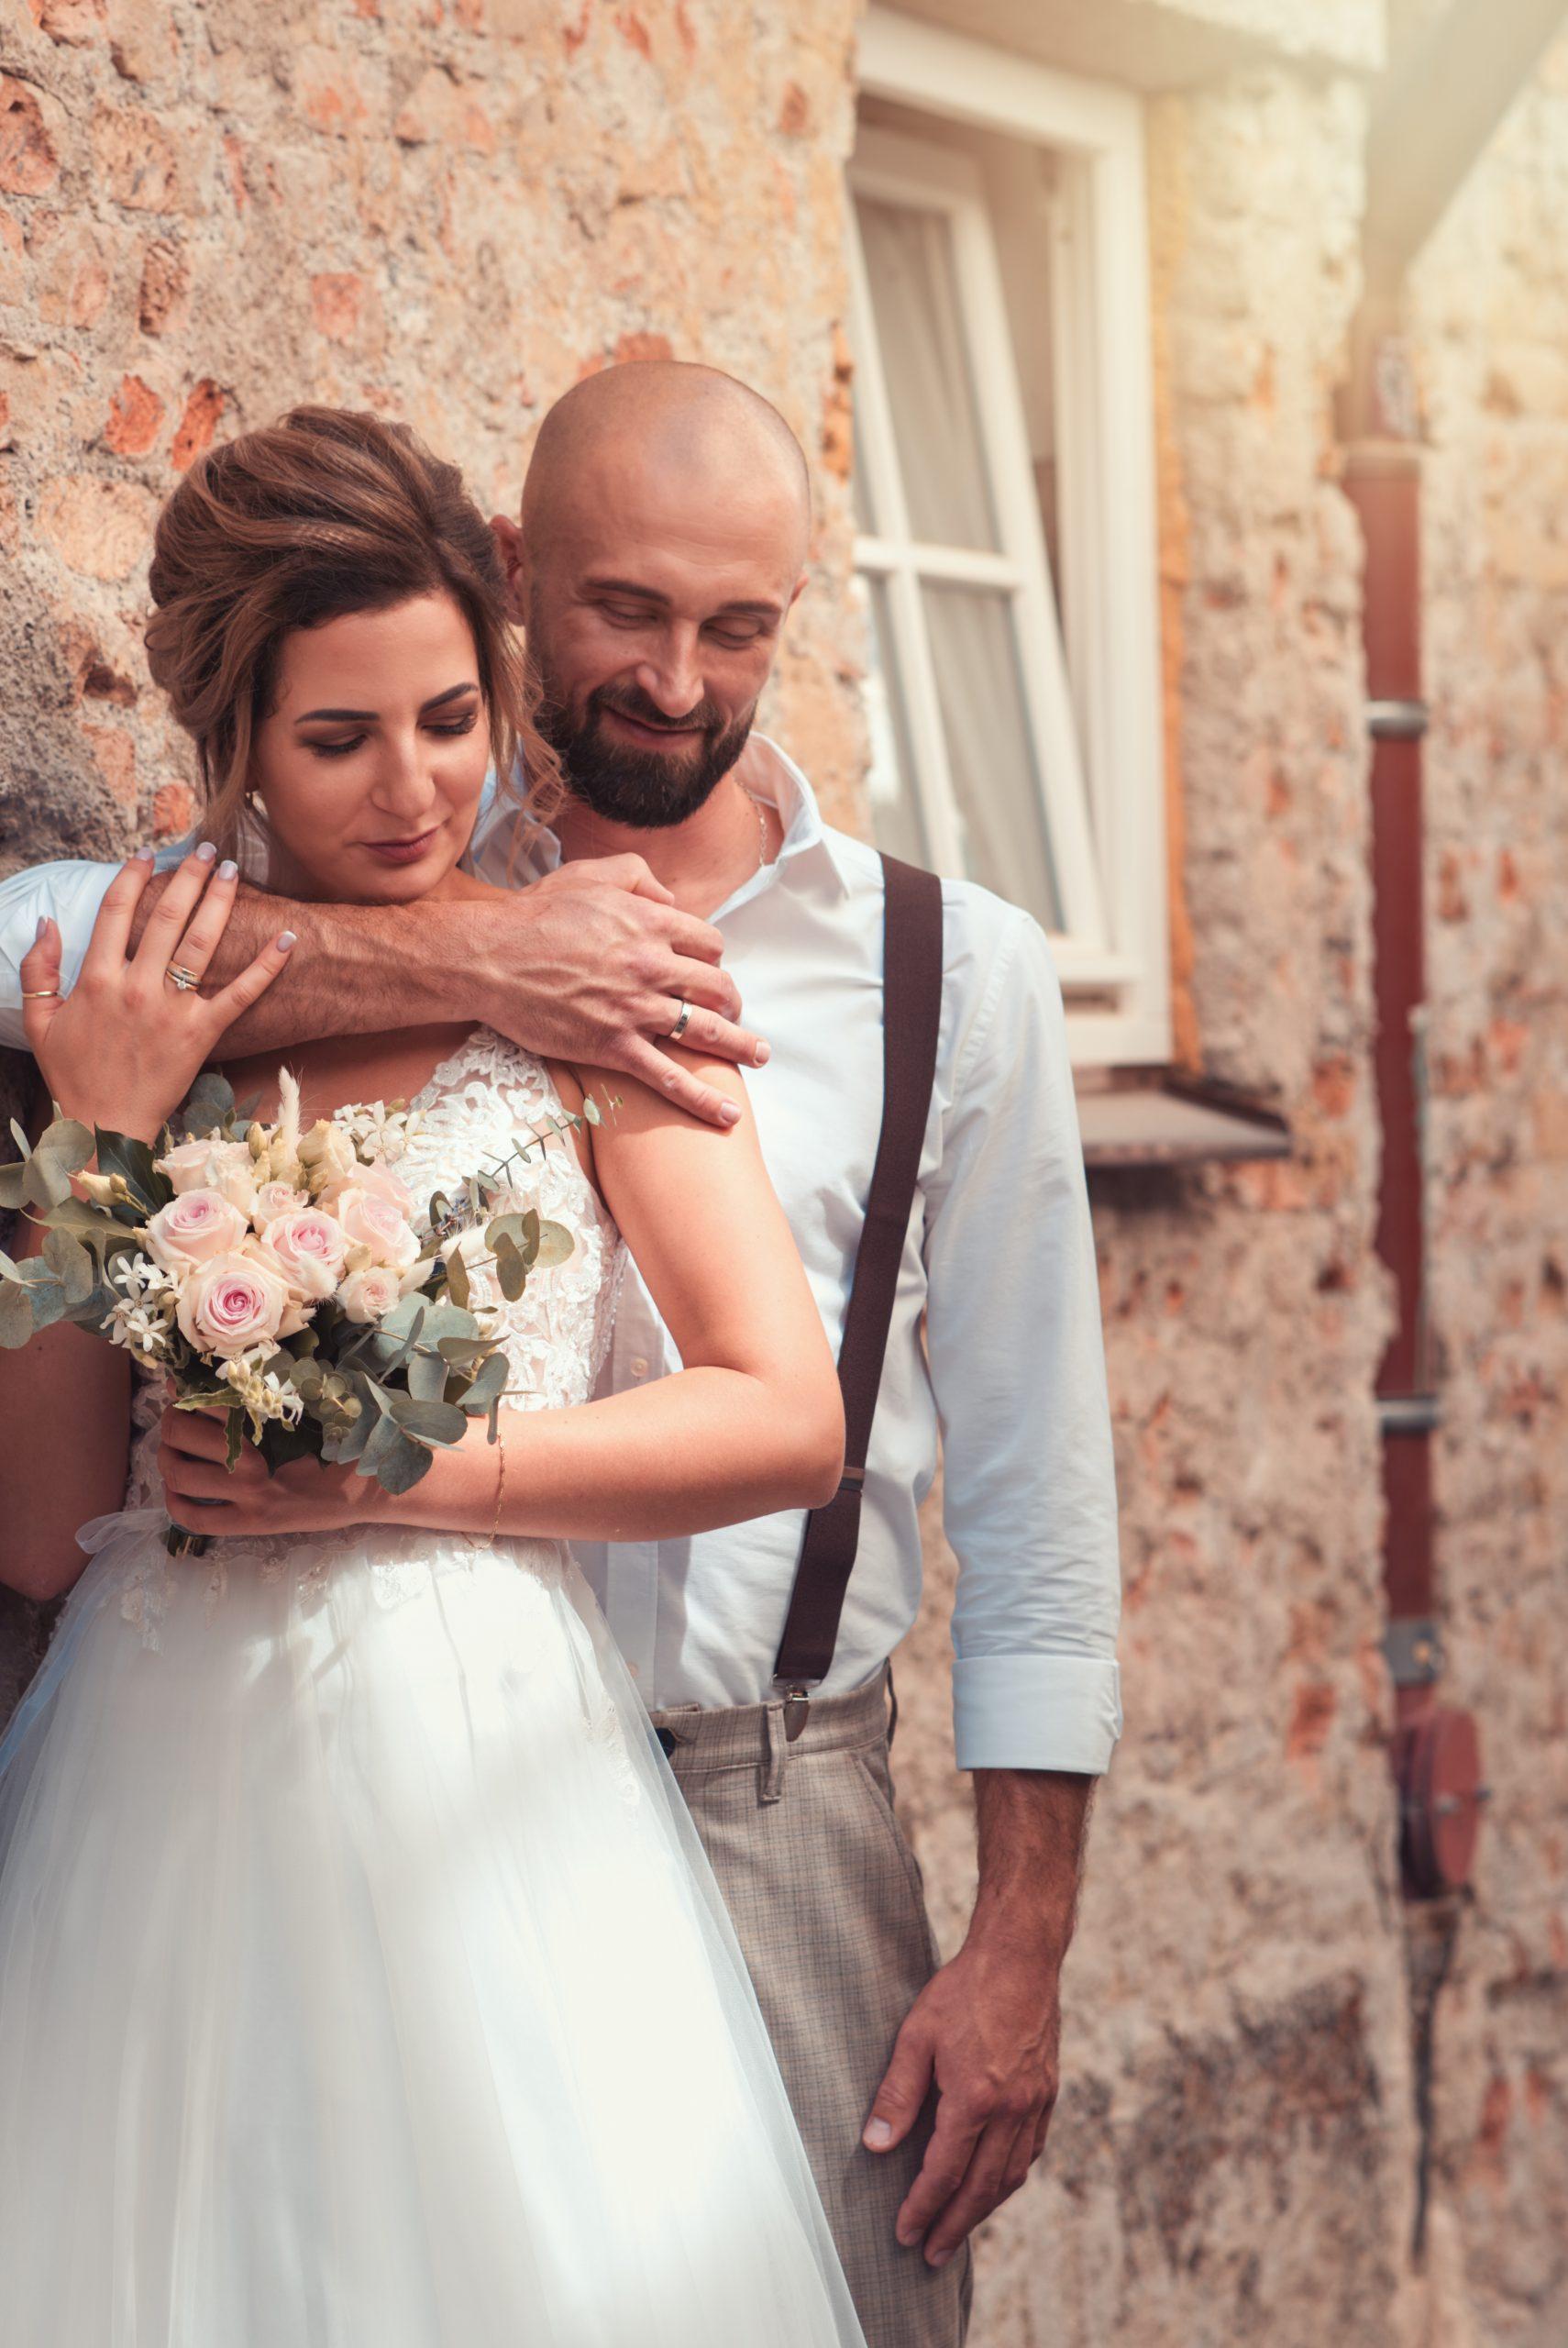 Franziska_Schneider_Fotografie_Hochzeitsfotografie_Portfolio